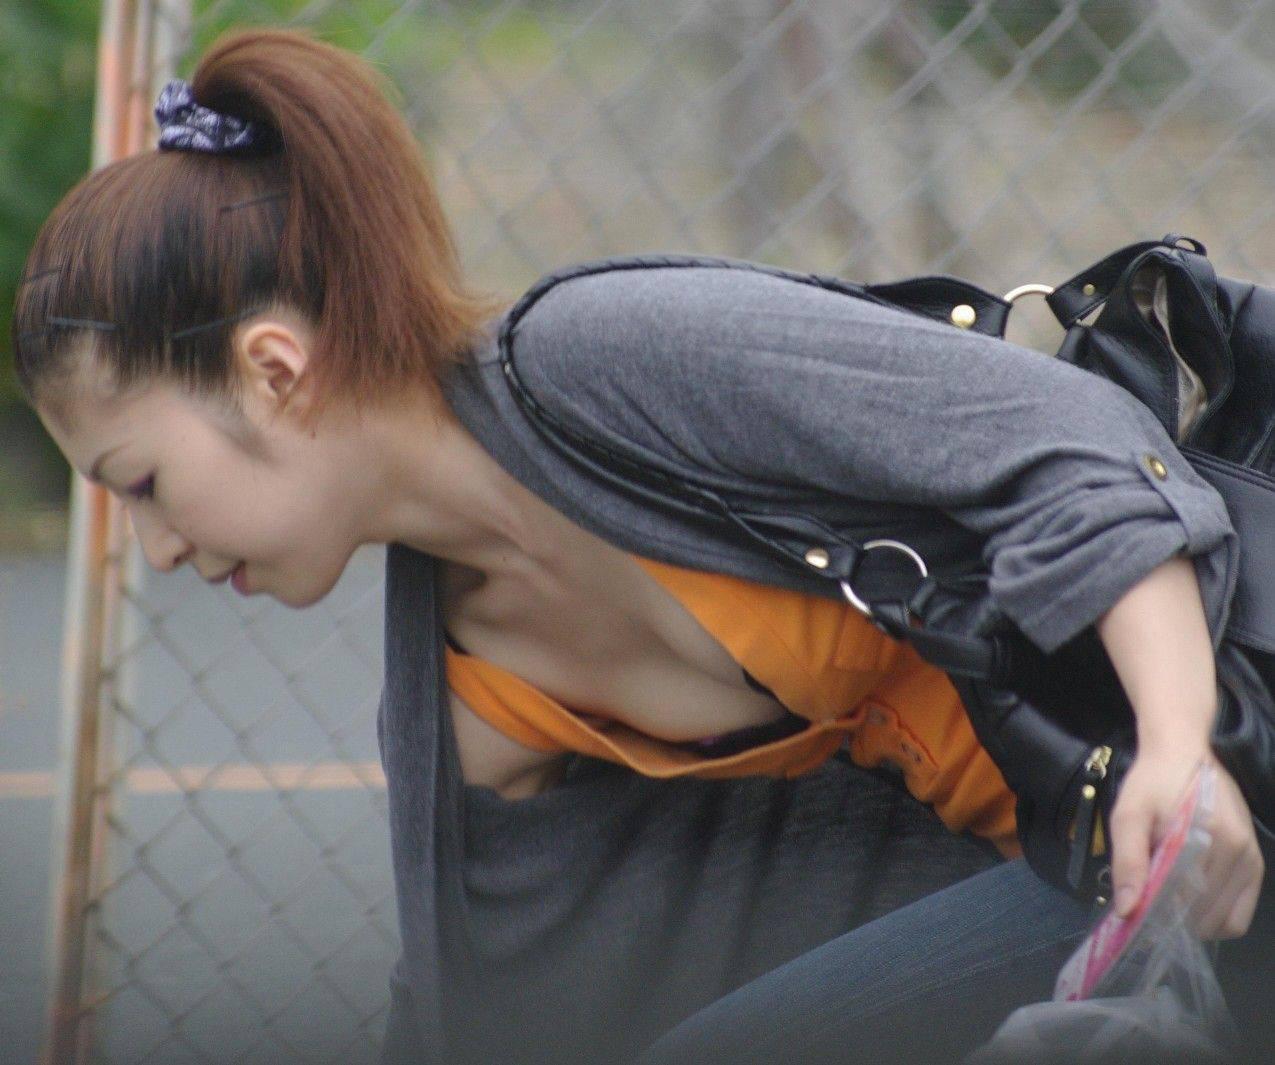 【街撮り胸チラエロ画像】街中で見かける偶然のエロハプニングがコチラww